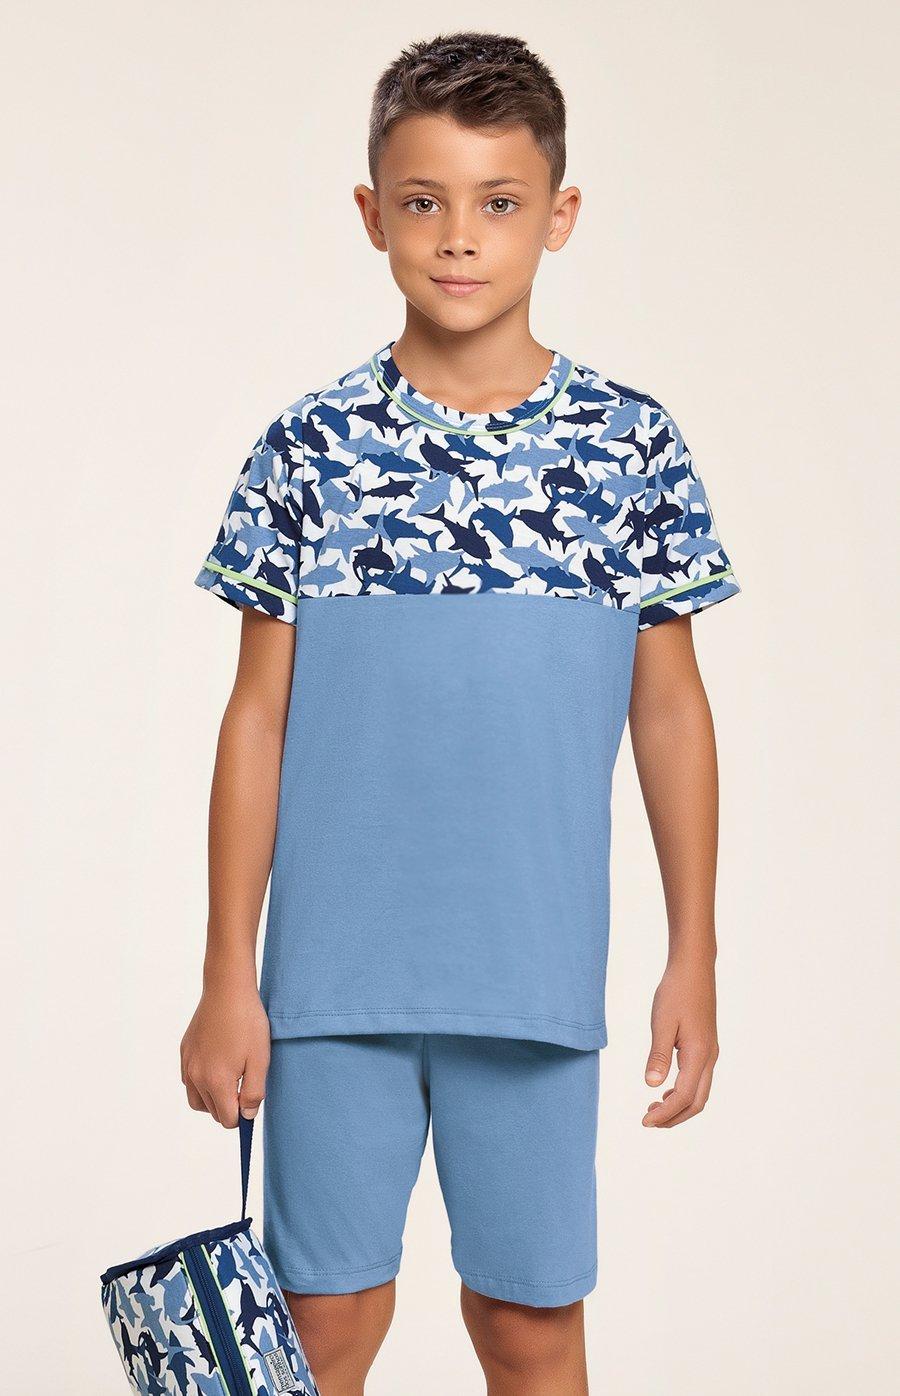 Pijama Infantil 100% Algodão Tubarão Verão 2020 MIAMI DREAMS